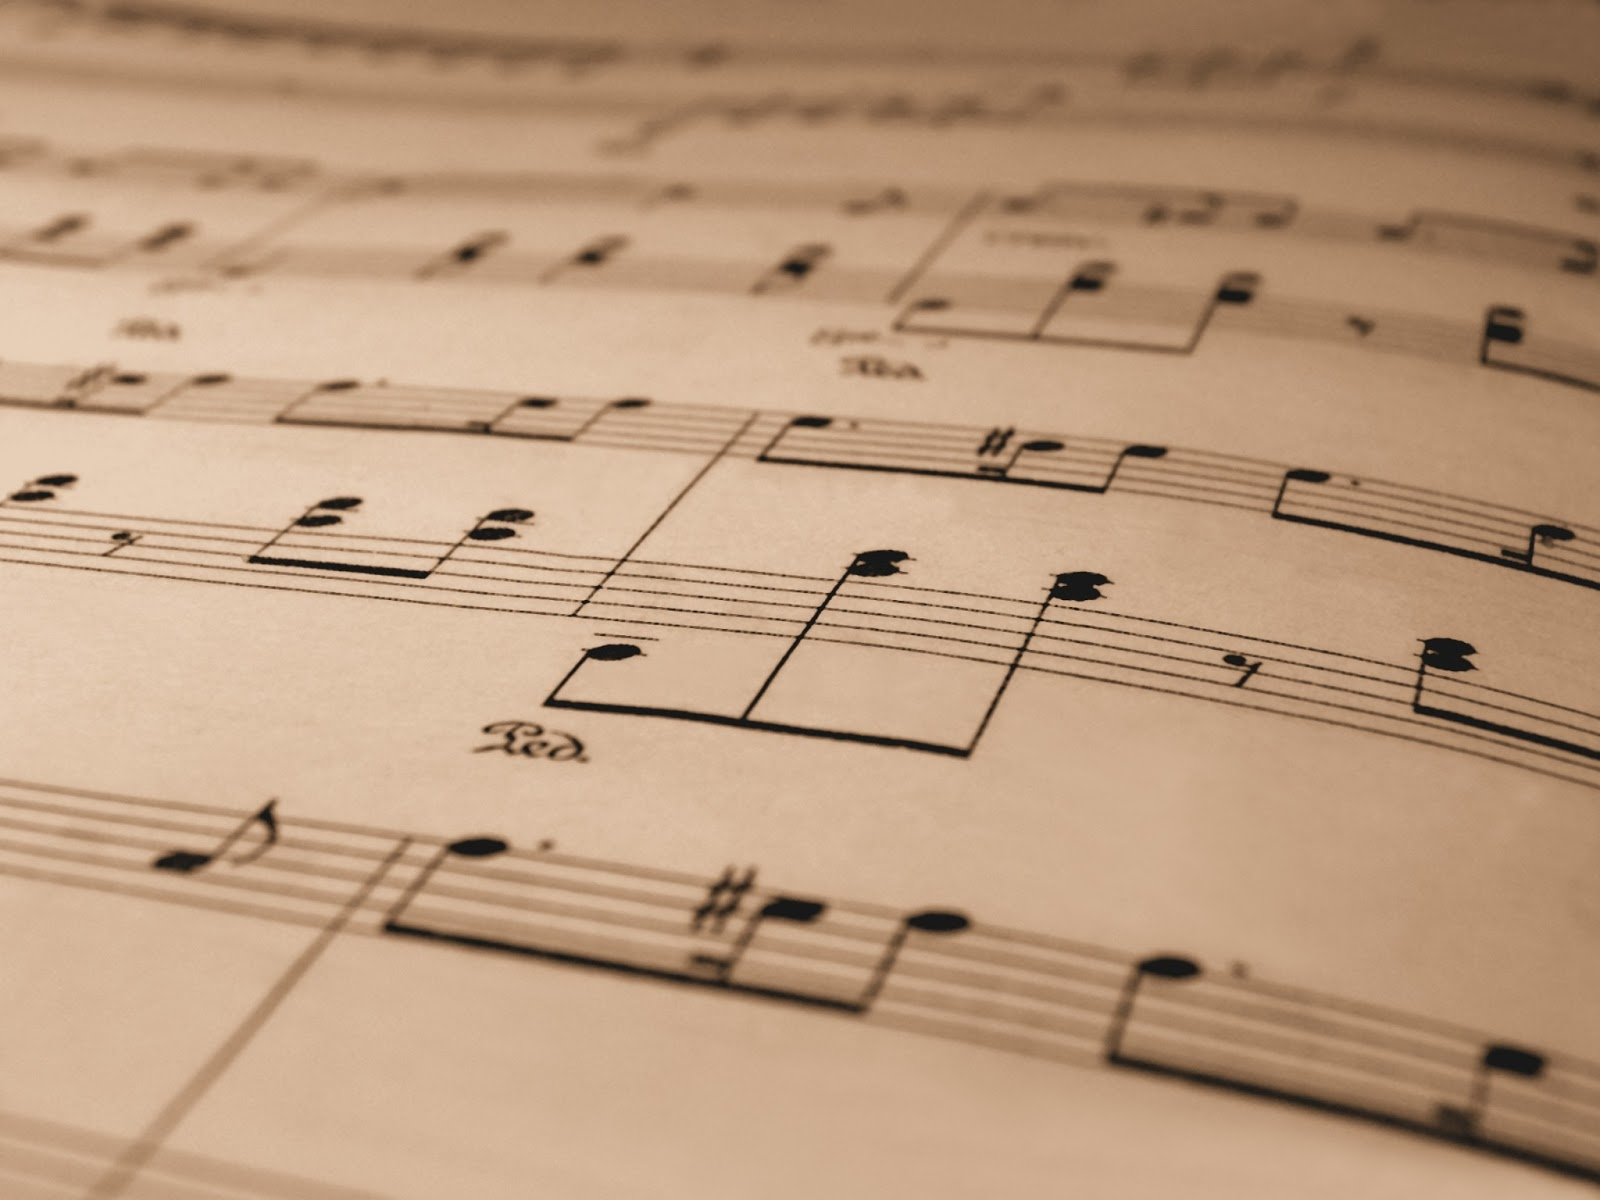 Olofonia olofonia e musica classica for Casa discografica musica classica